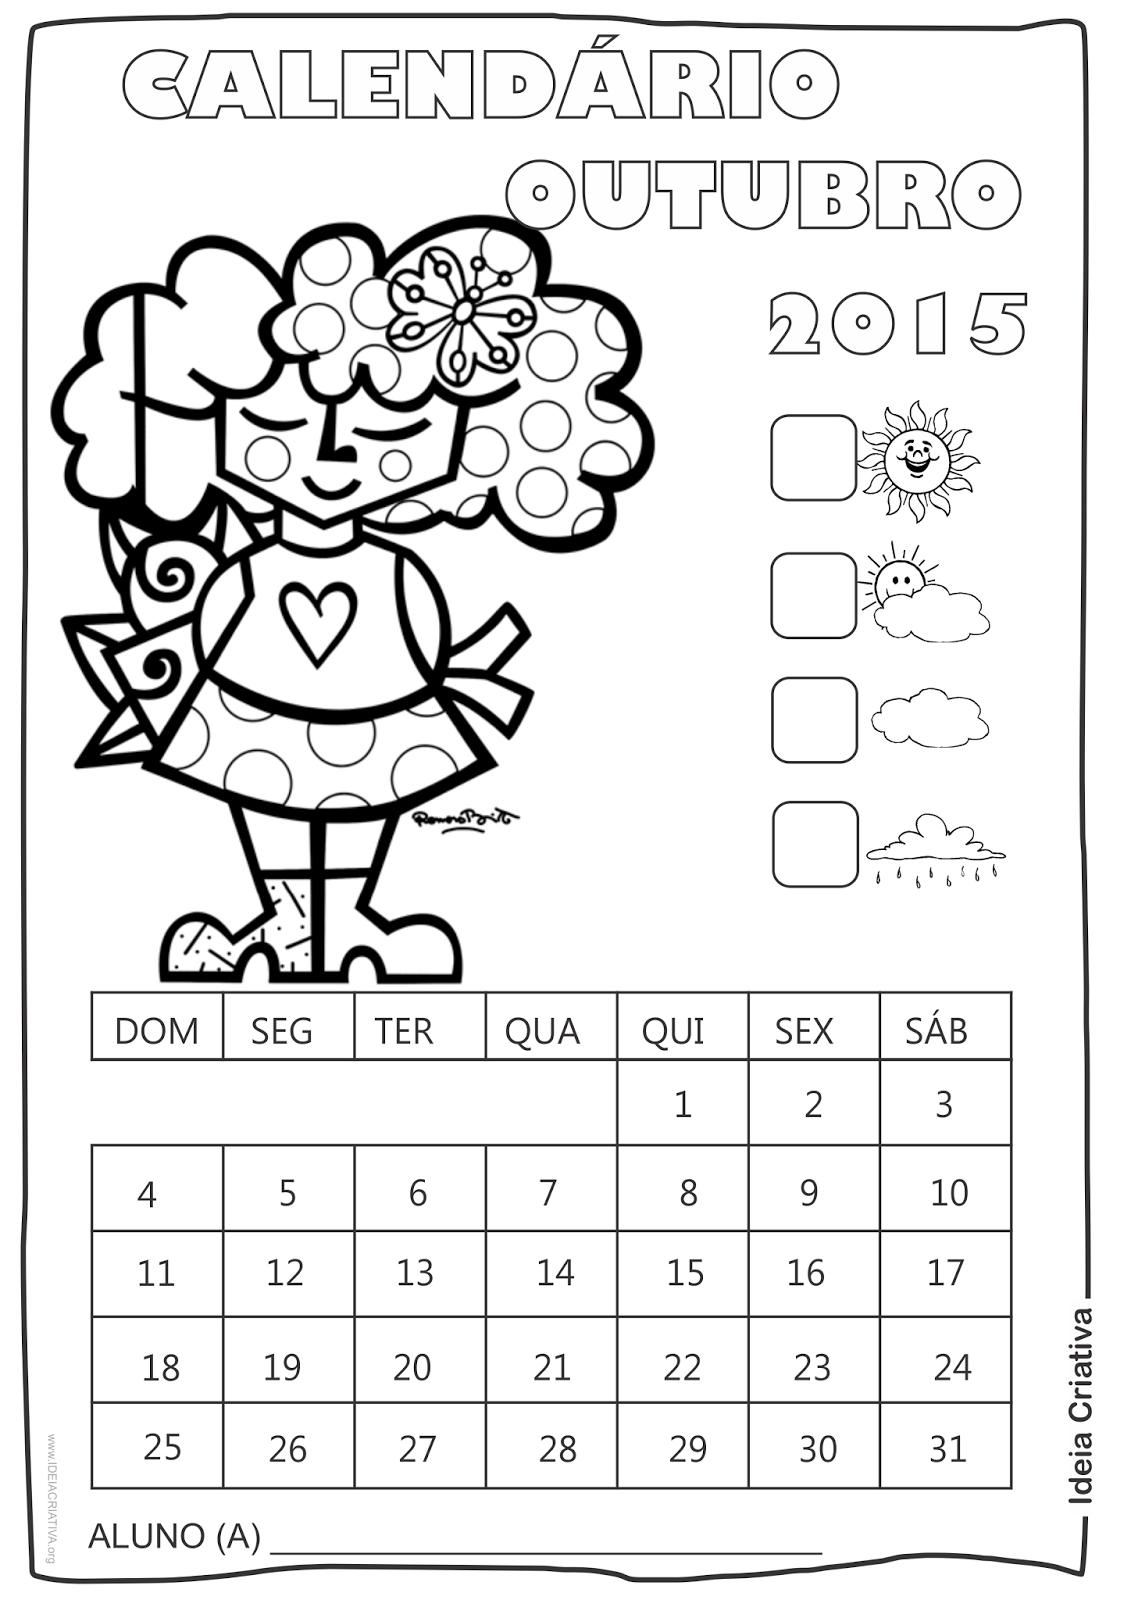 Calendário Outubro 2015 com Desenho Criança de Romero Britto para Colorir